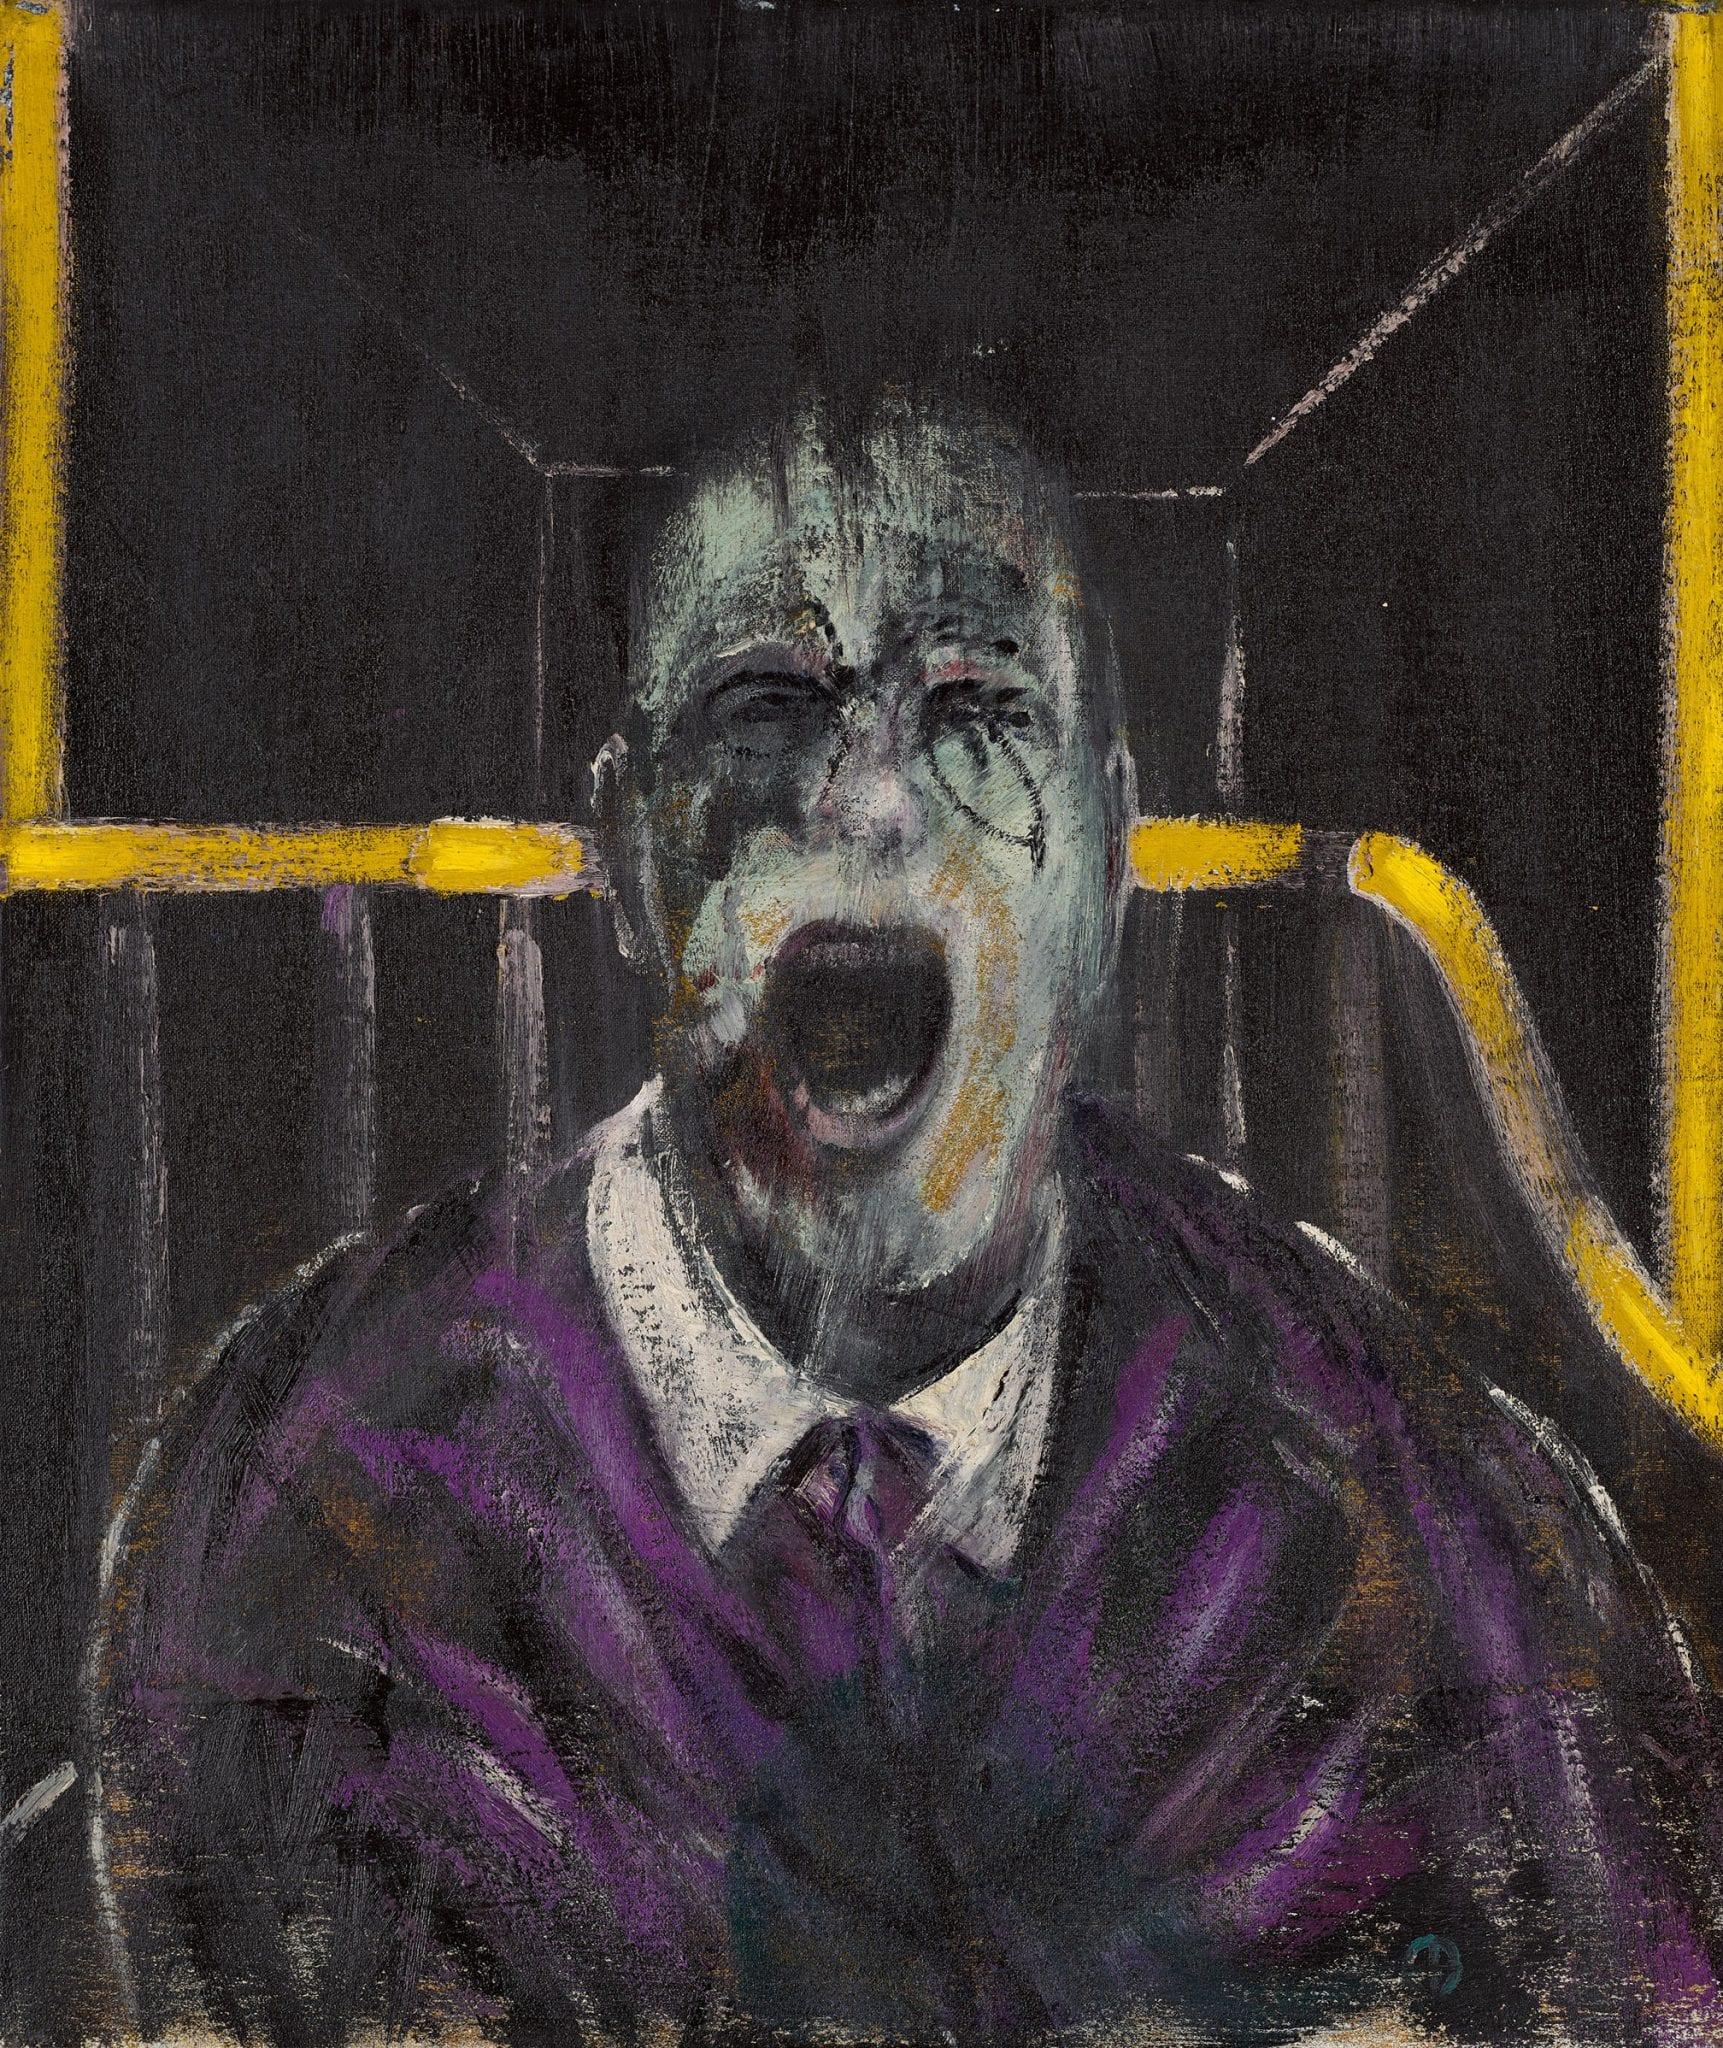 Un iconico 'Screaming Pope' di Francis Bacon in asta da Sotheby's. Stima $20/30 milioni